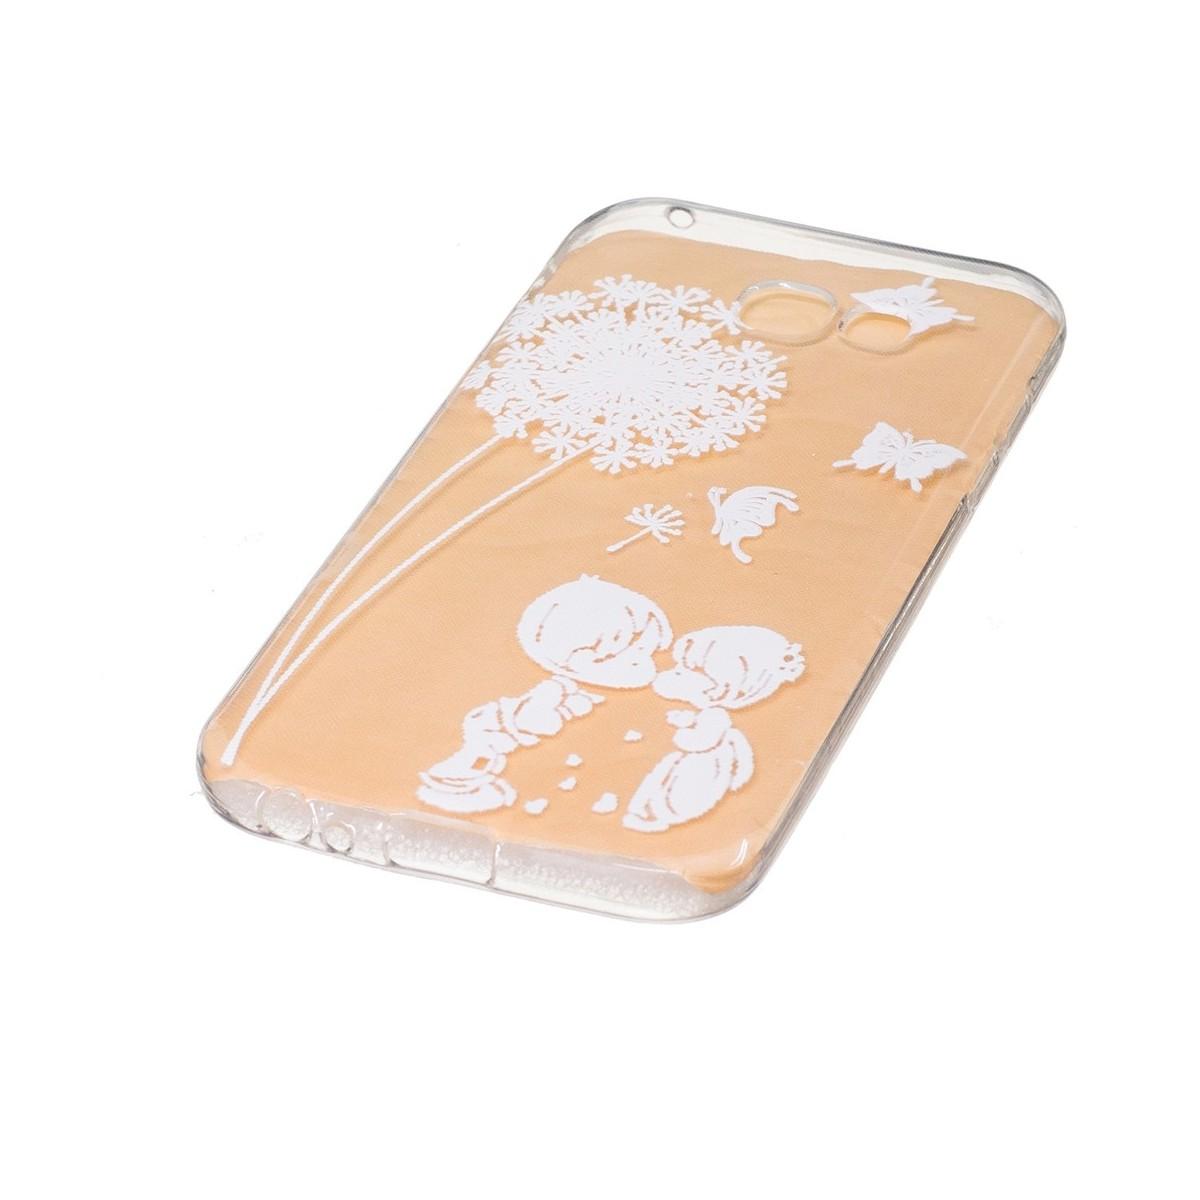 Coque Galaxy A5 (2017) Transparente souple motif Fleurs et Papillons Blancs - Crazy Kase